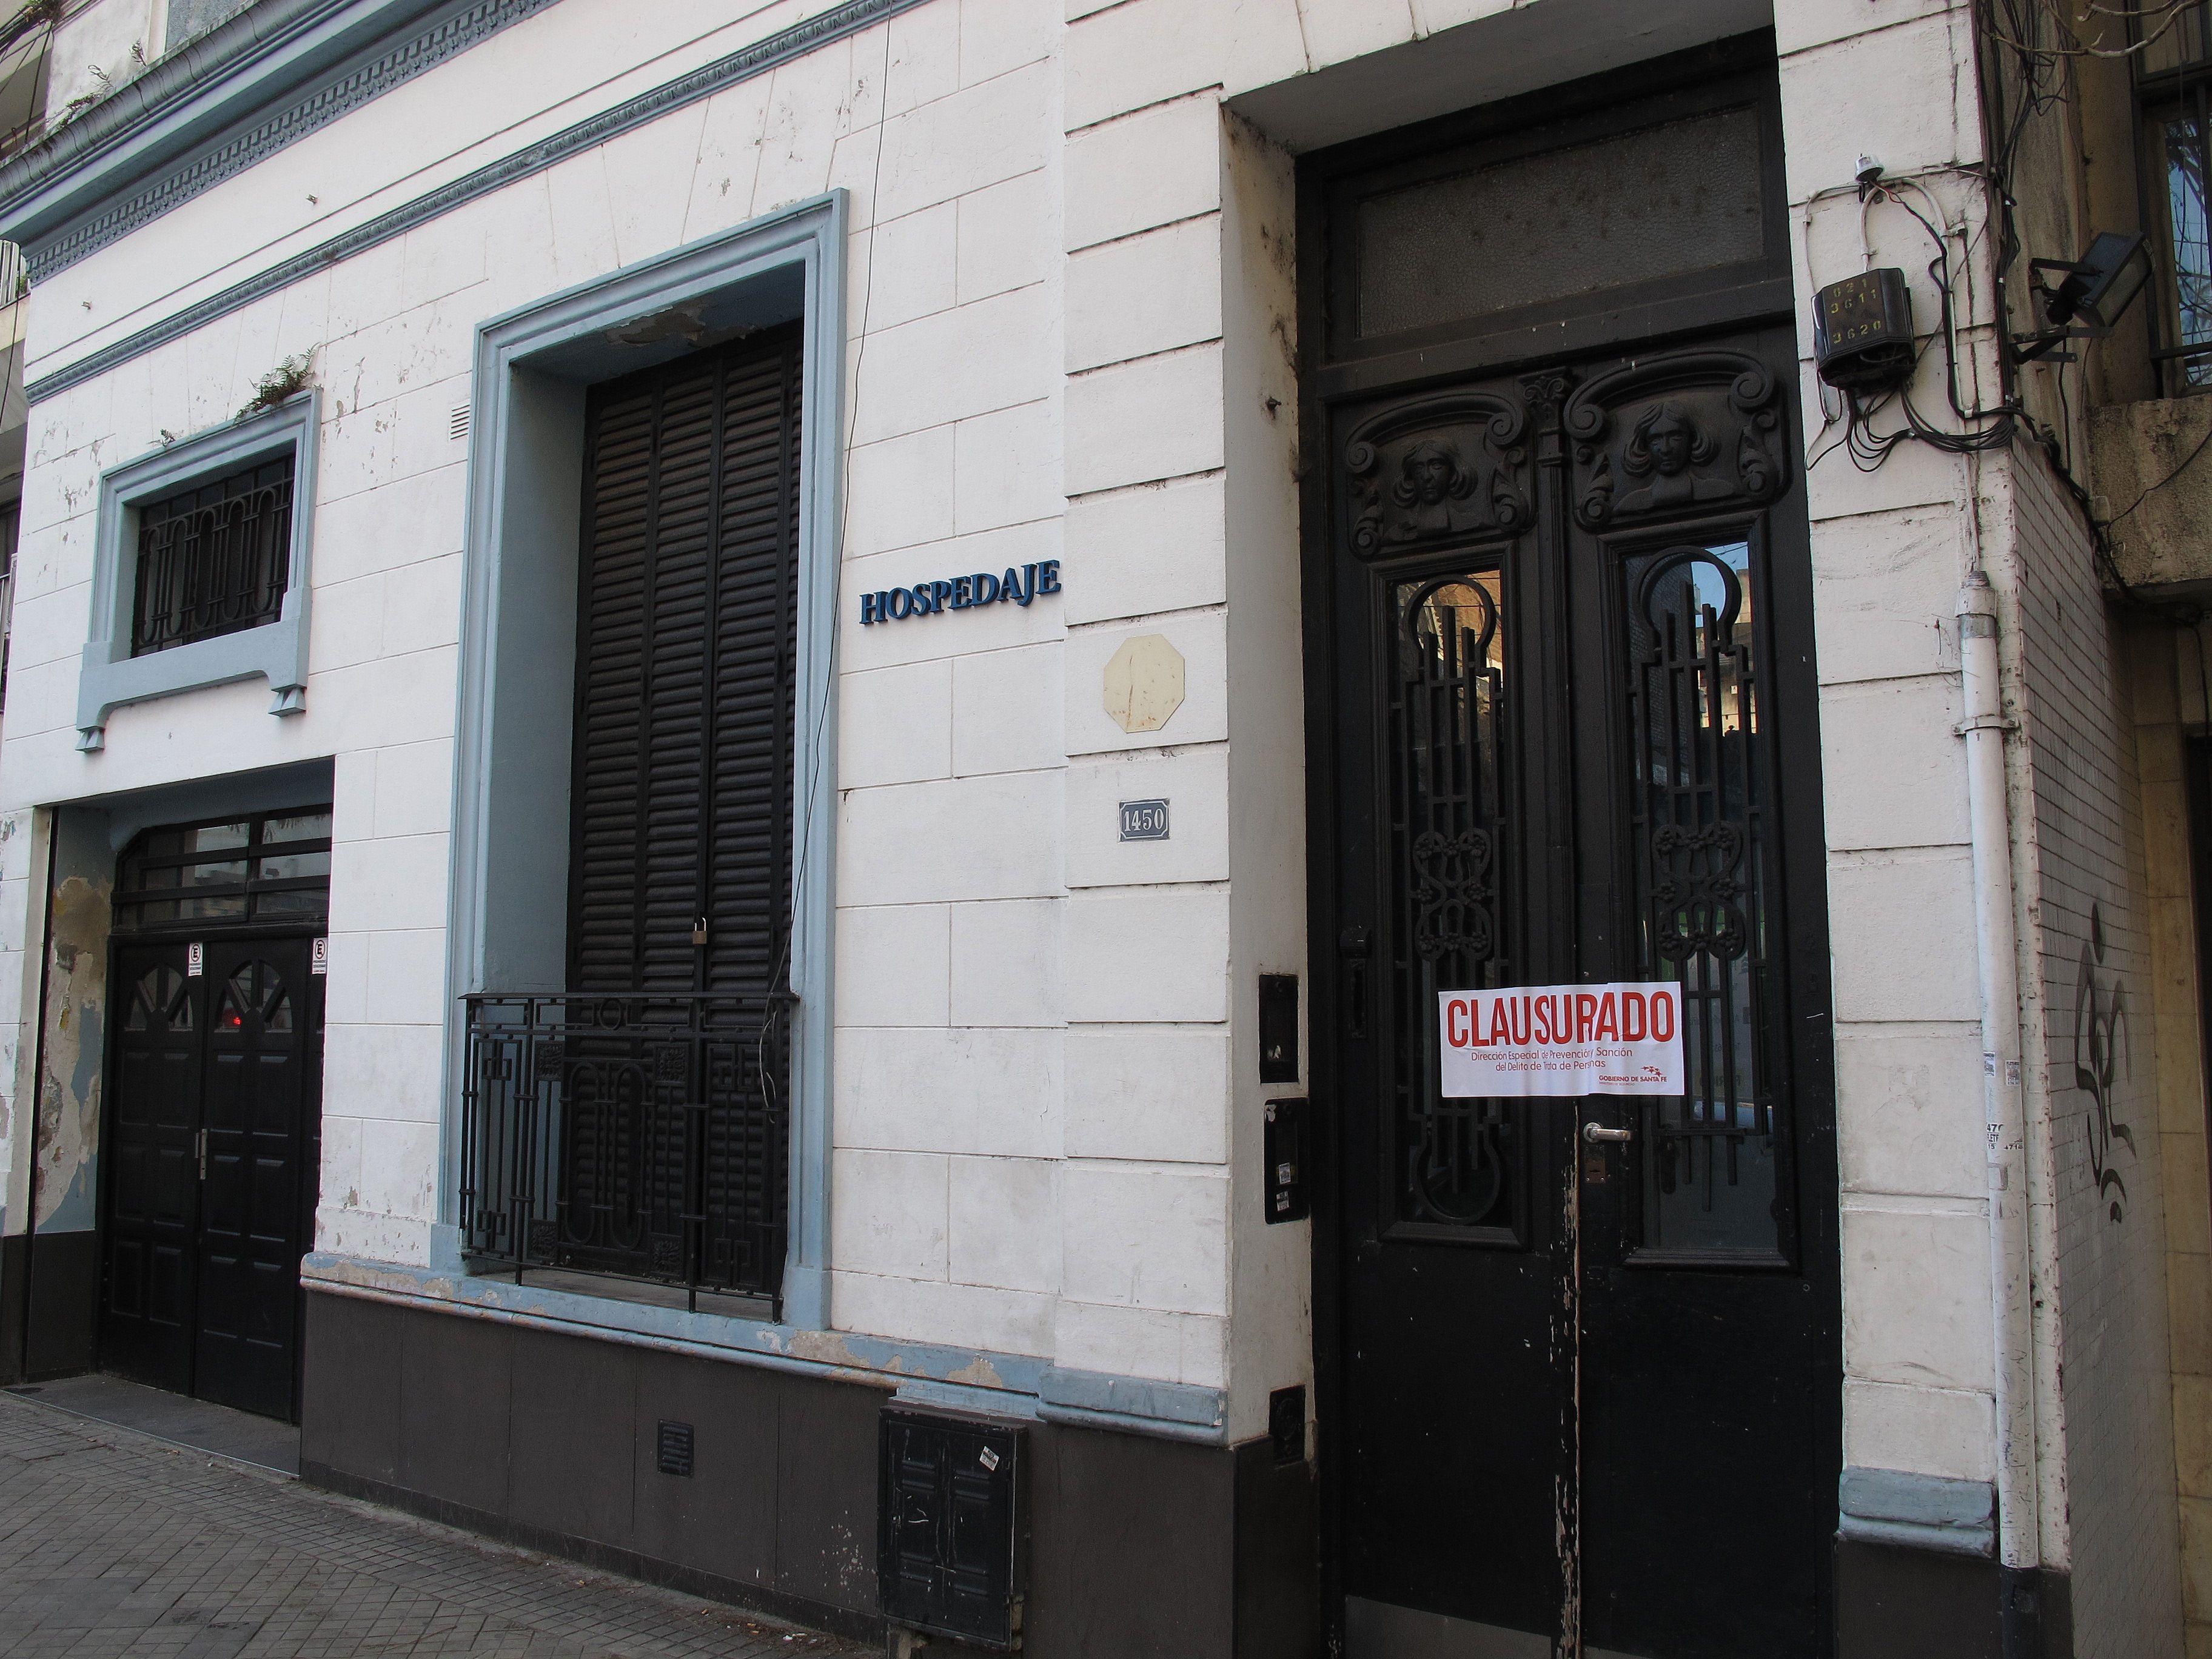 Queremos saber si el municipio efectuó los controles que requieren los locales comerciales de la ciudad de Rosario